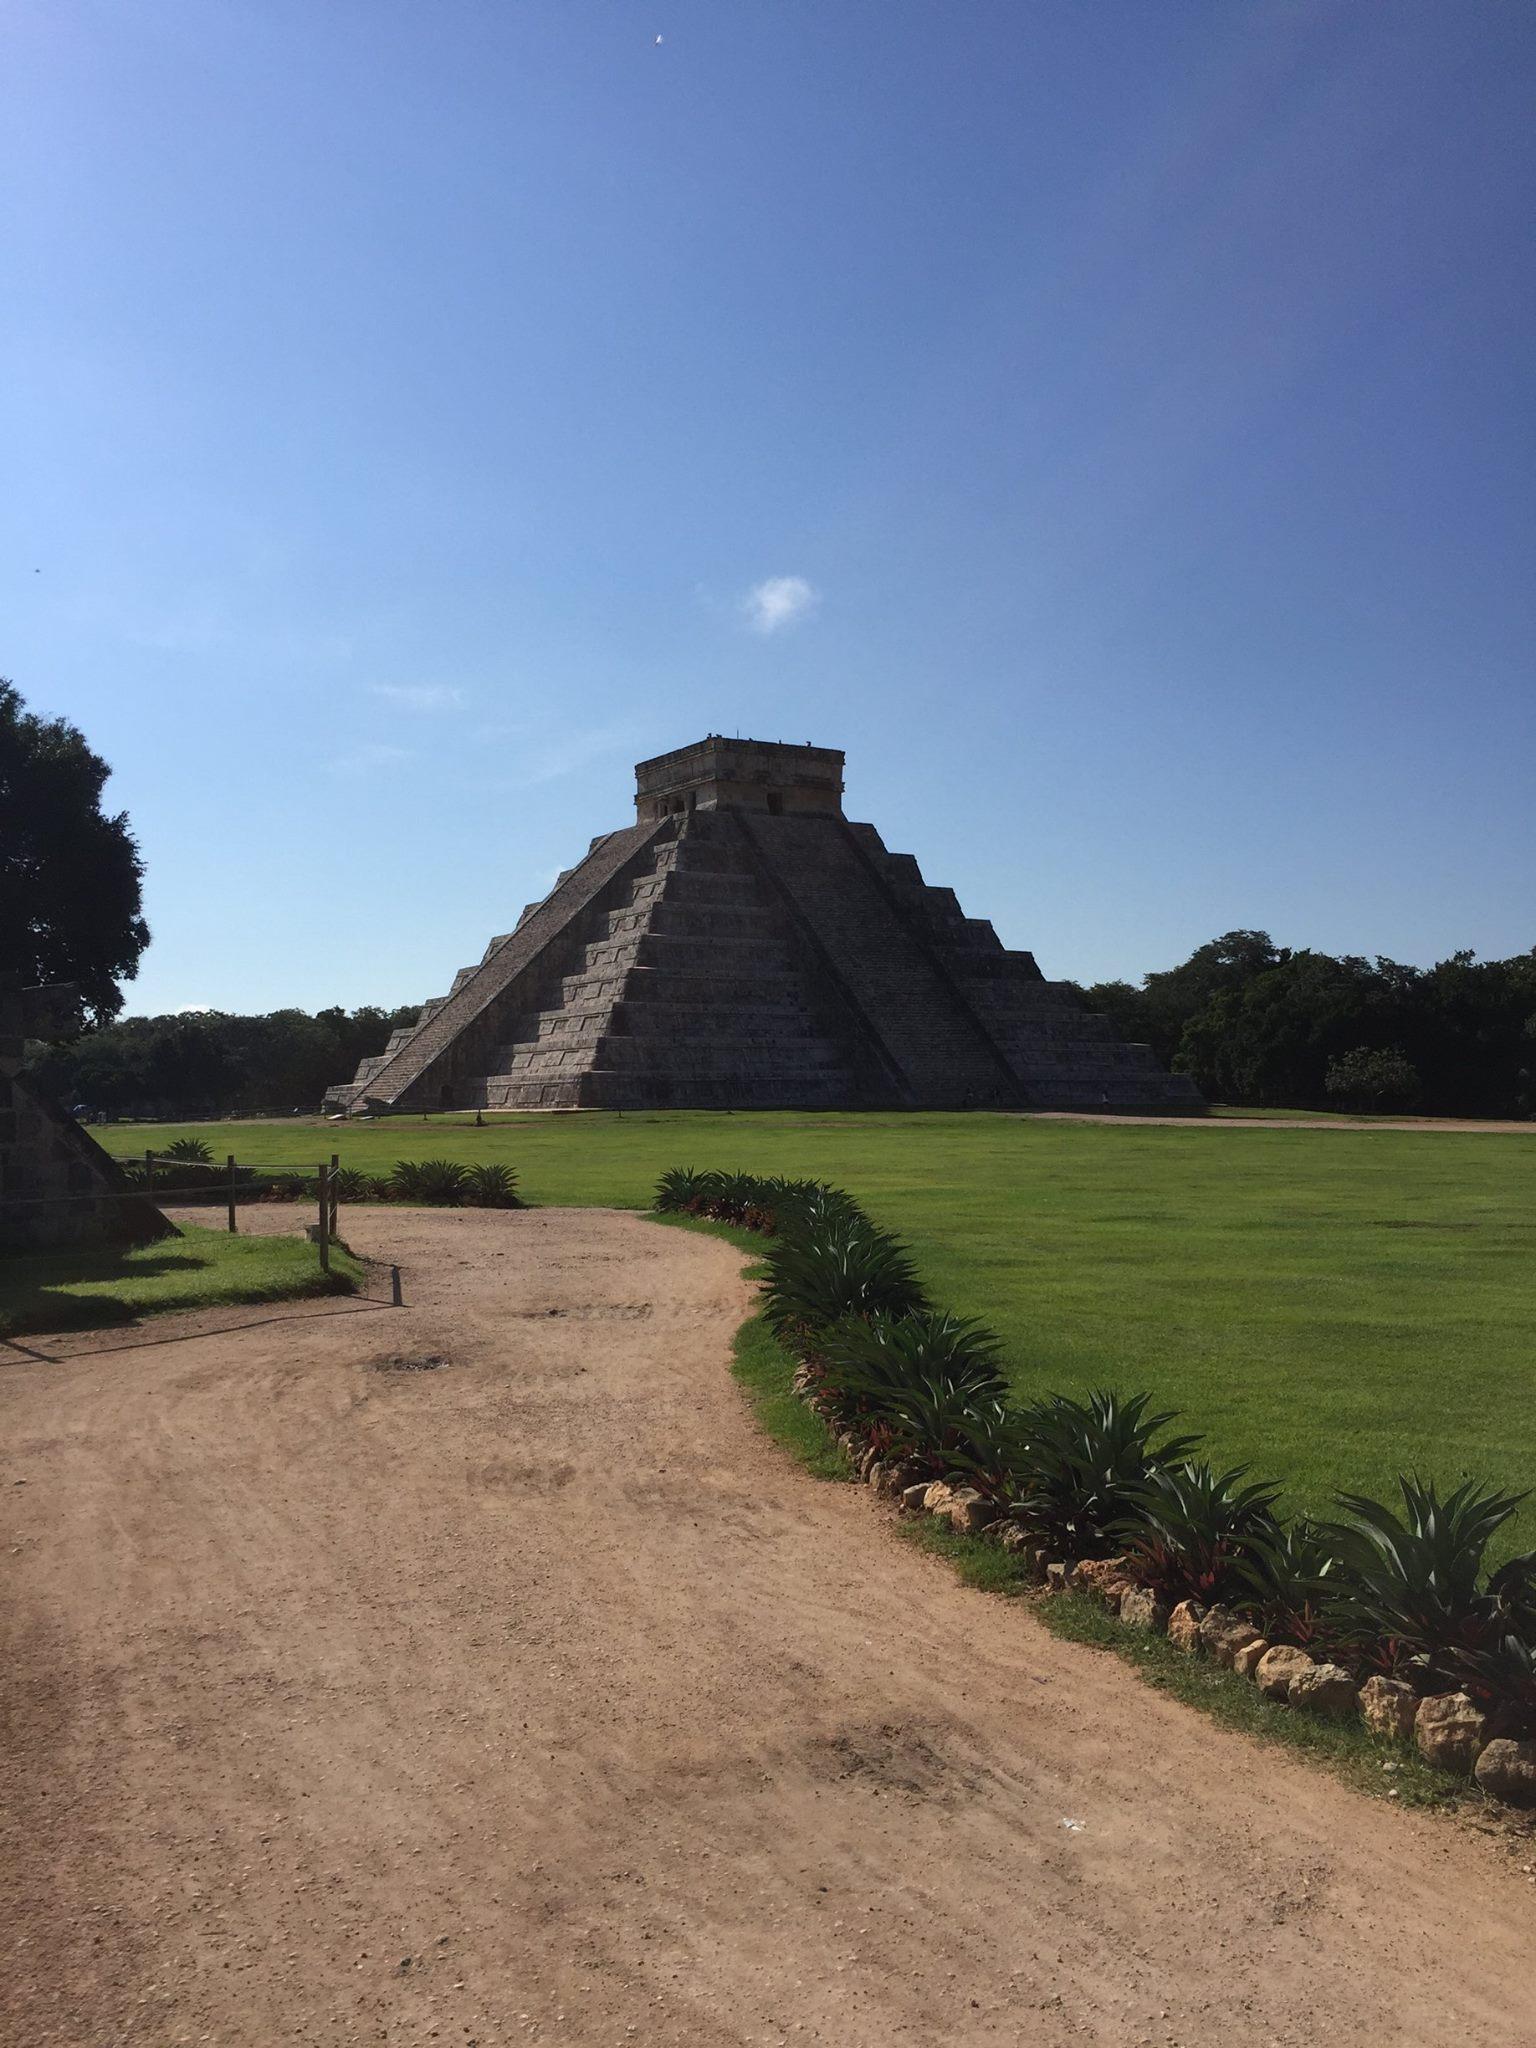 Distant view of El Castillo